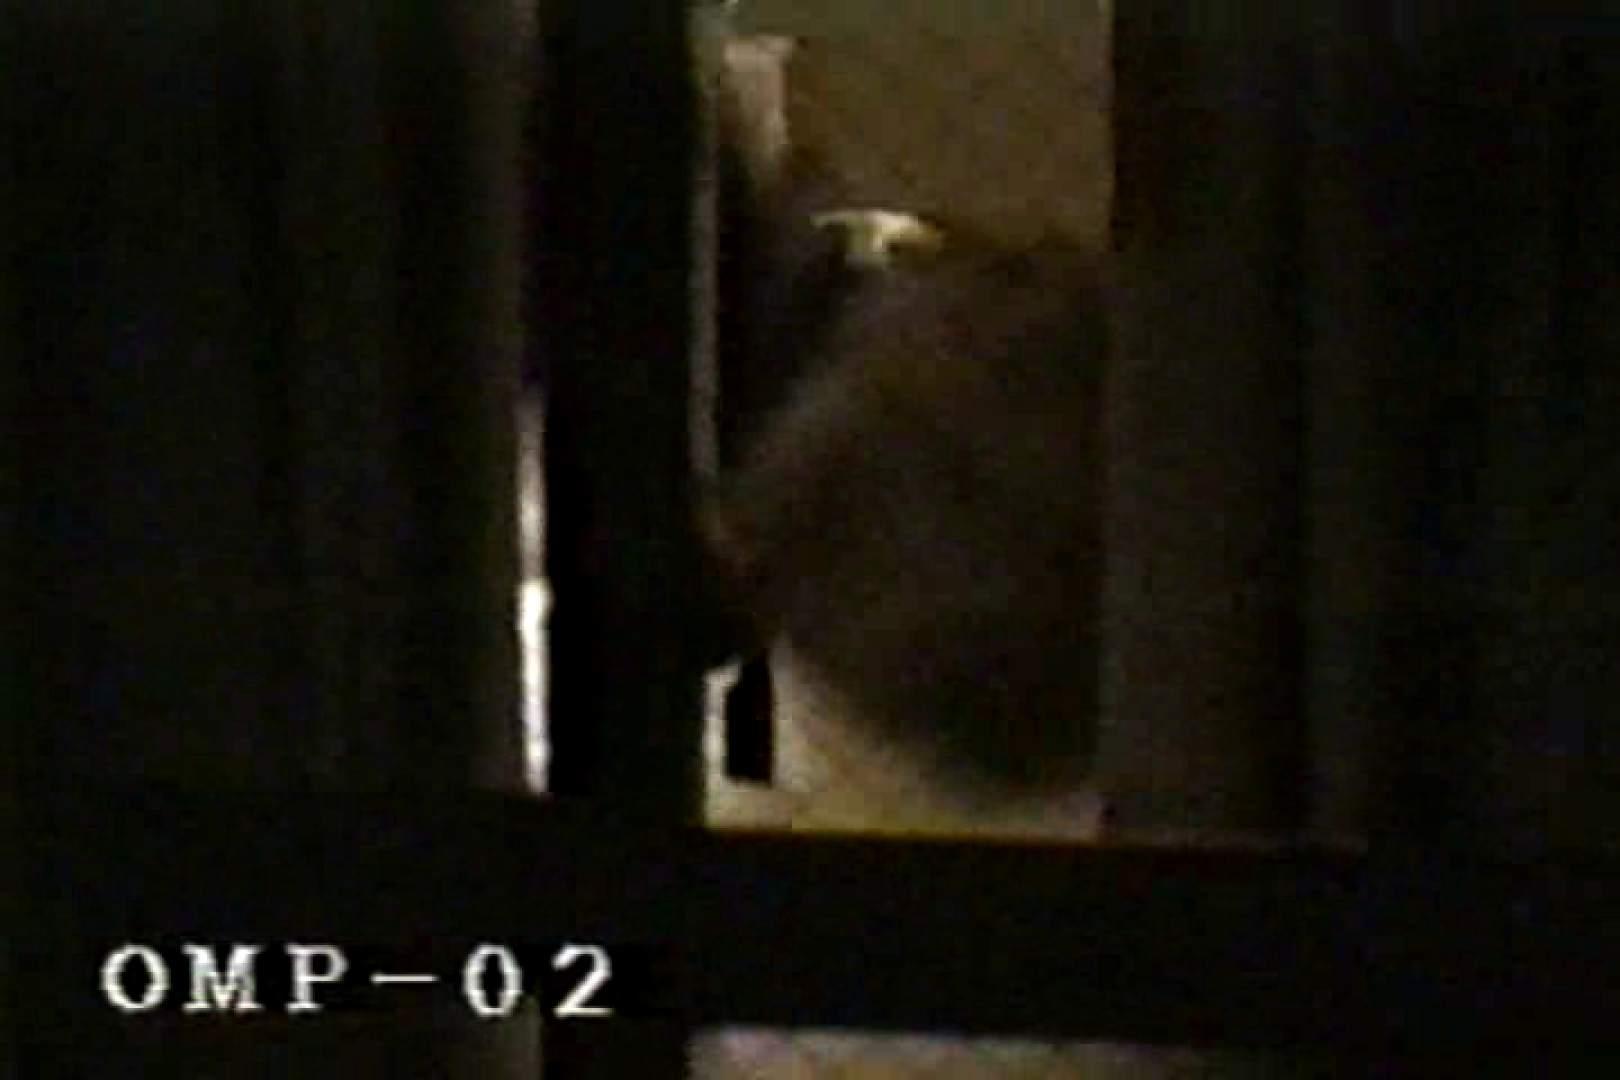 究極の民家覗き撮りVol.2 OLの実態 | パンツ大放出  50pic 1